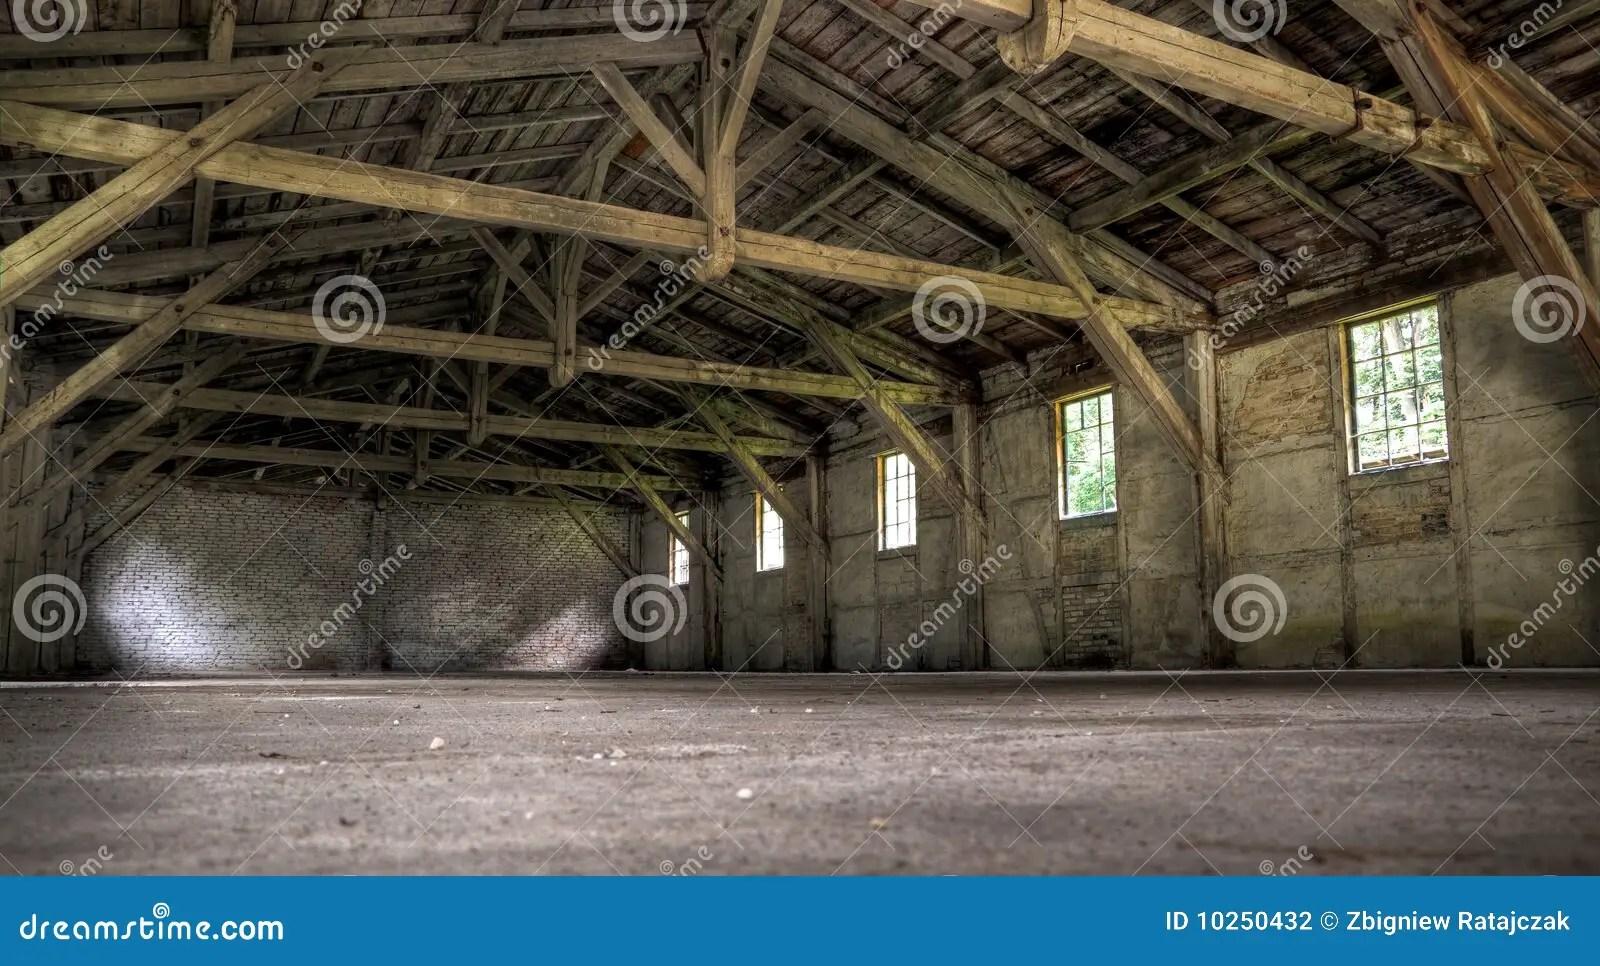 Old abandoned warehouse stock photo Image of abandoned